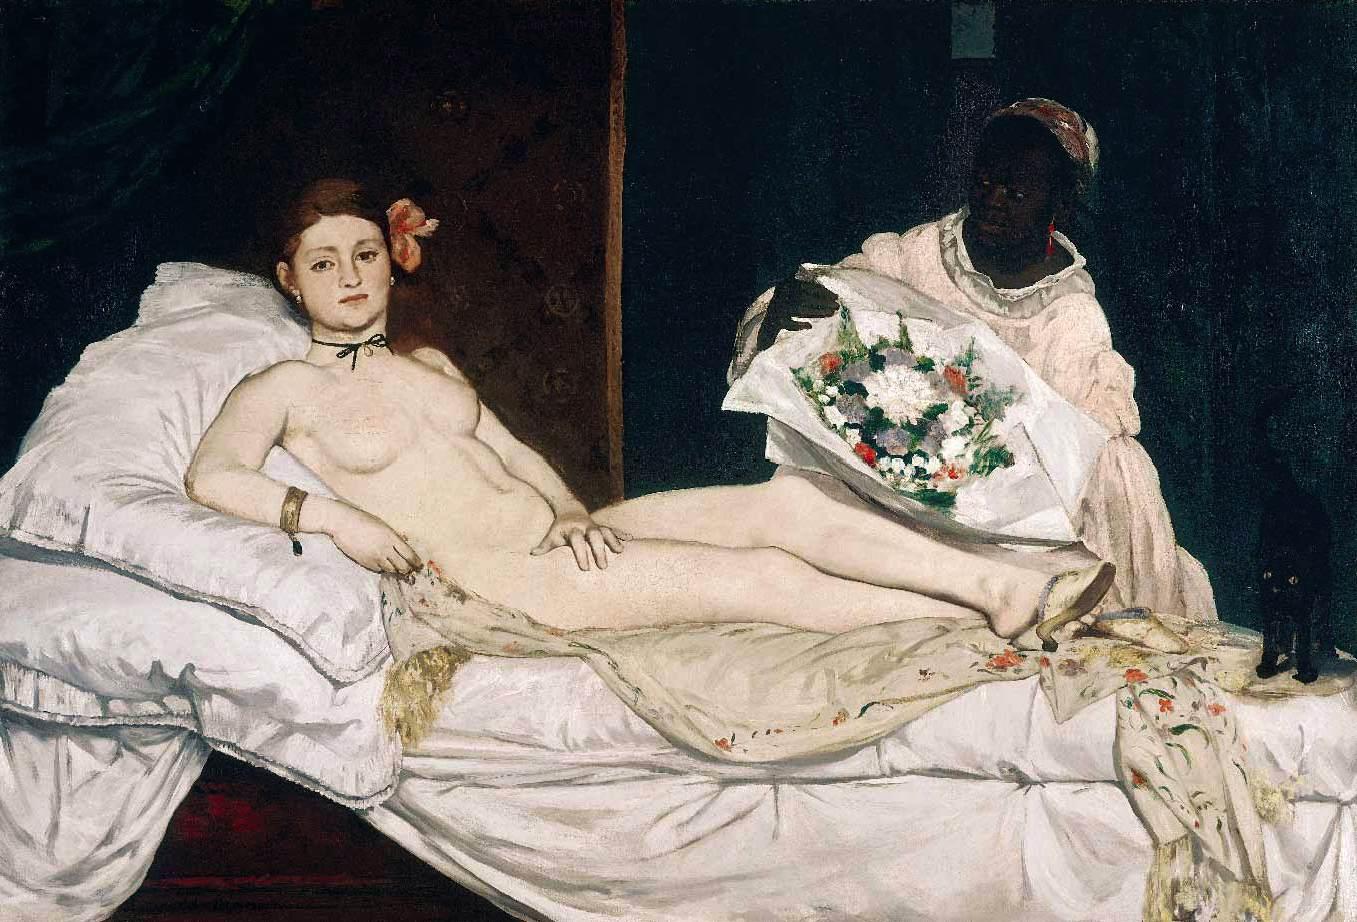 La Maja nue - Francisco Goya - Les Grands Peintres